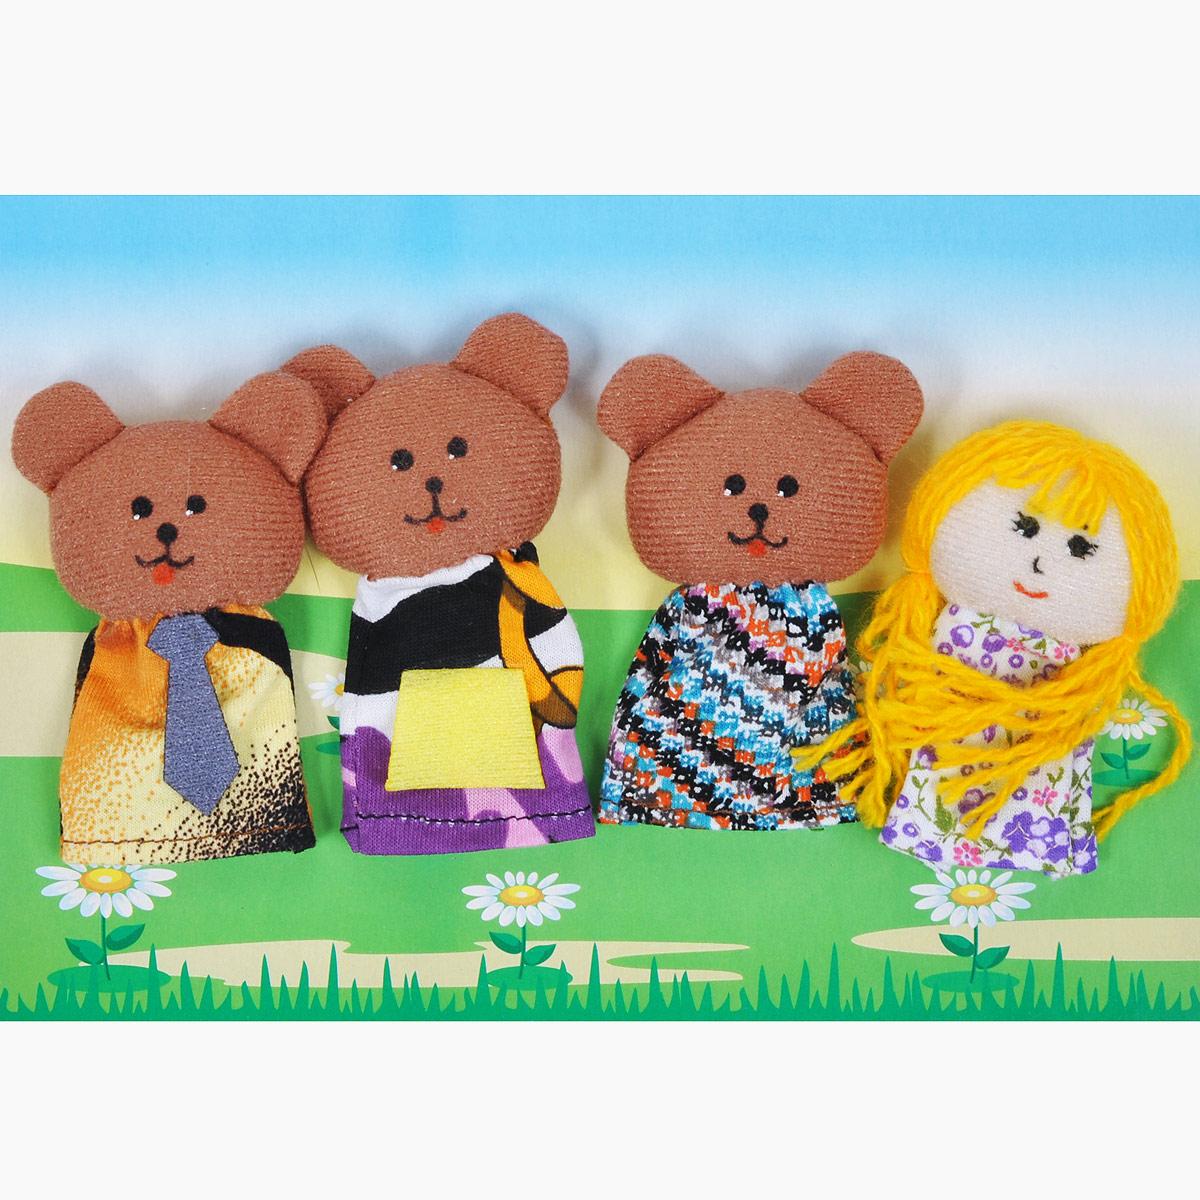 Пальчиковый театр Три медведя, 4 предмета017.05Пальчиковый театр Три медведя - это набор развивающих мягких игрушек, состоящий из фигурок надеваемых на пальцы руки взрослого или ребенка. В комплекте пальчиковые куклы, 4 штуки: три медведя и девочка Маша. Рекомендуем работать разными парами пальцев, разными руками и обеими руками одновременно. Фигурки изображают известных сказочных героев. Все персонажи очень яркие, мягкие. Маленькие фигурки пальчикового театра создадут Вам компанию во время прогулки или посещения поликлиники, в дороге. Они не займут много места в маминой сумочке и помогут развлечь малыша. С их помощью можно оживить любимые стихи, сказки, потешки. Незамысловатая игрушка развивает интонацию, исполнительские умения, творческие способности в передаче образа, мелкую моторику. Театрализованные игры создают эмоциональный подъем, повышают жизненный тонус ребенка. Характеристики: Материал: текстиль. Высота одной фигурки: 8 см Размер упаковки: 25,5 см x 24 см x 1,5 см. ...